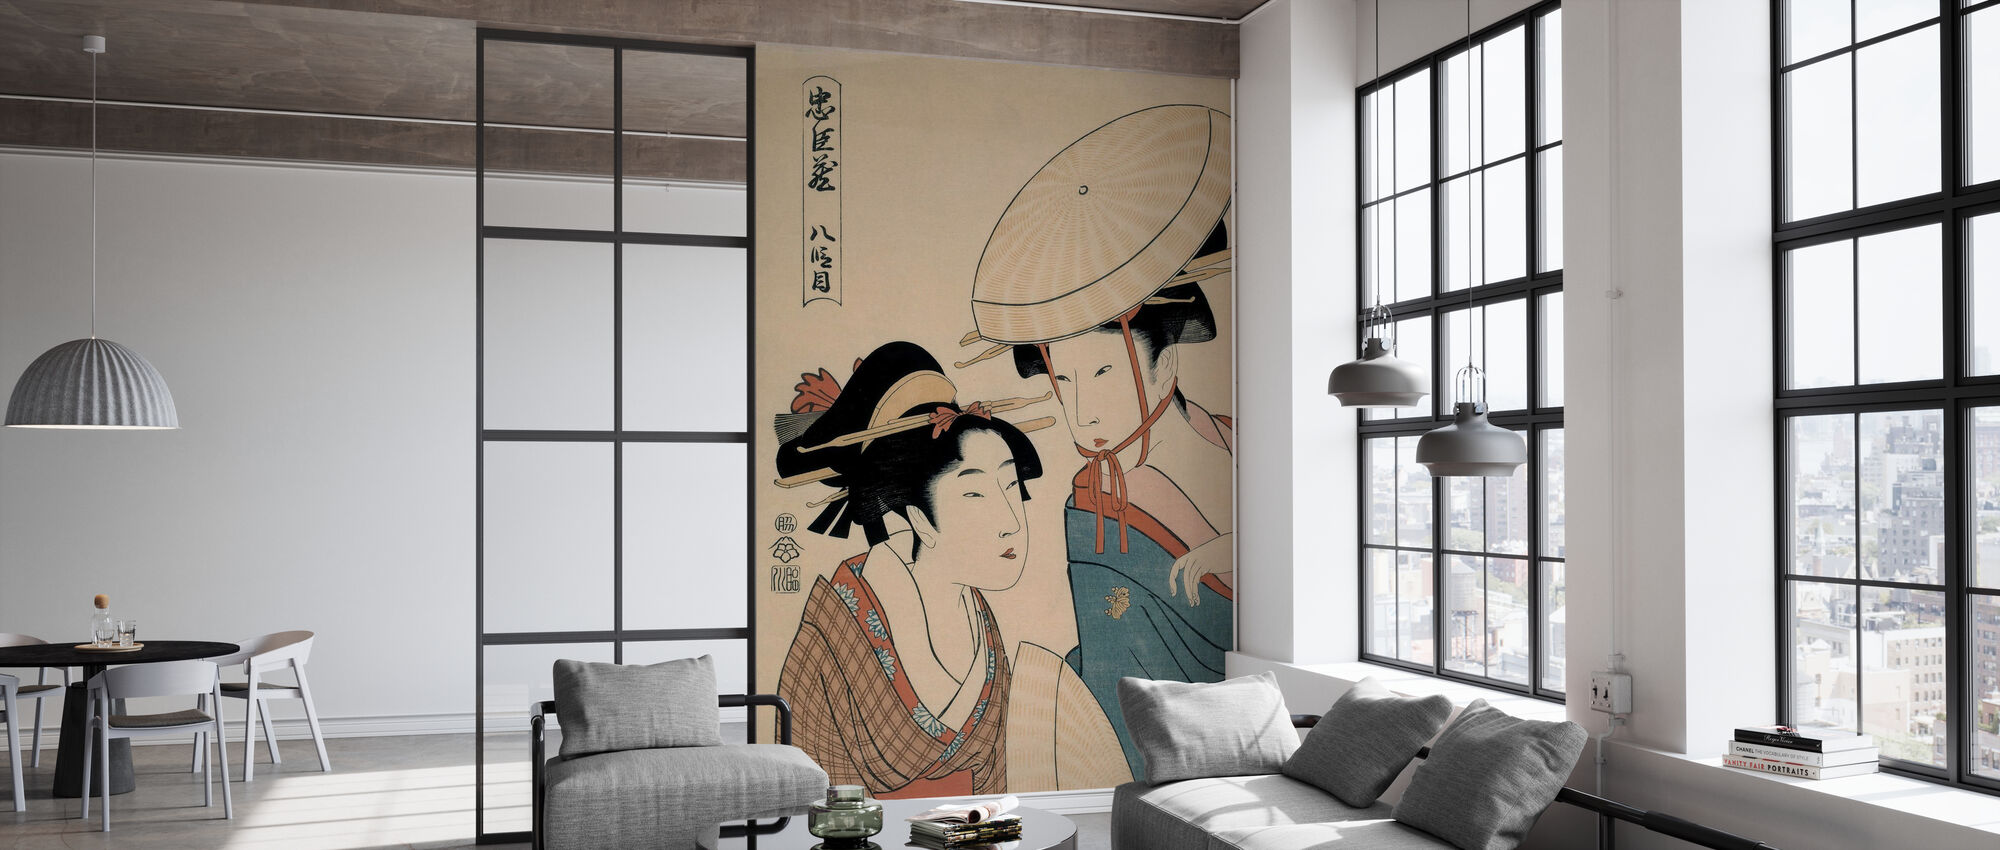 Takamizawa Hachi Damme - Kitagawa Utamaro - Wallpaper - Office